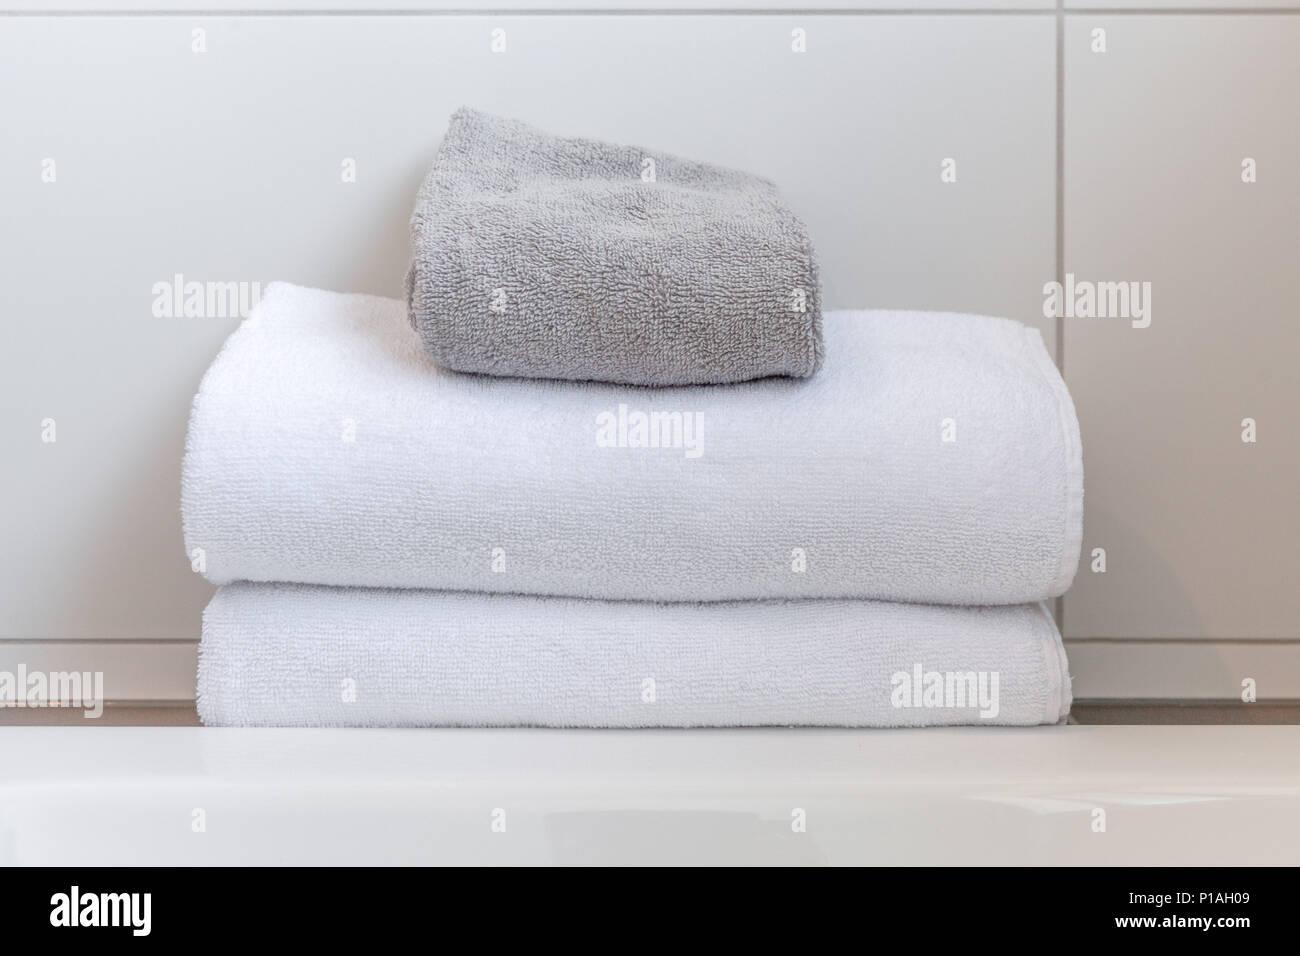 Bianco e grigio asciugamani ripiegati contro le piastrelle bianche